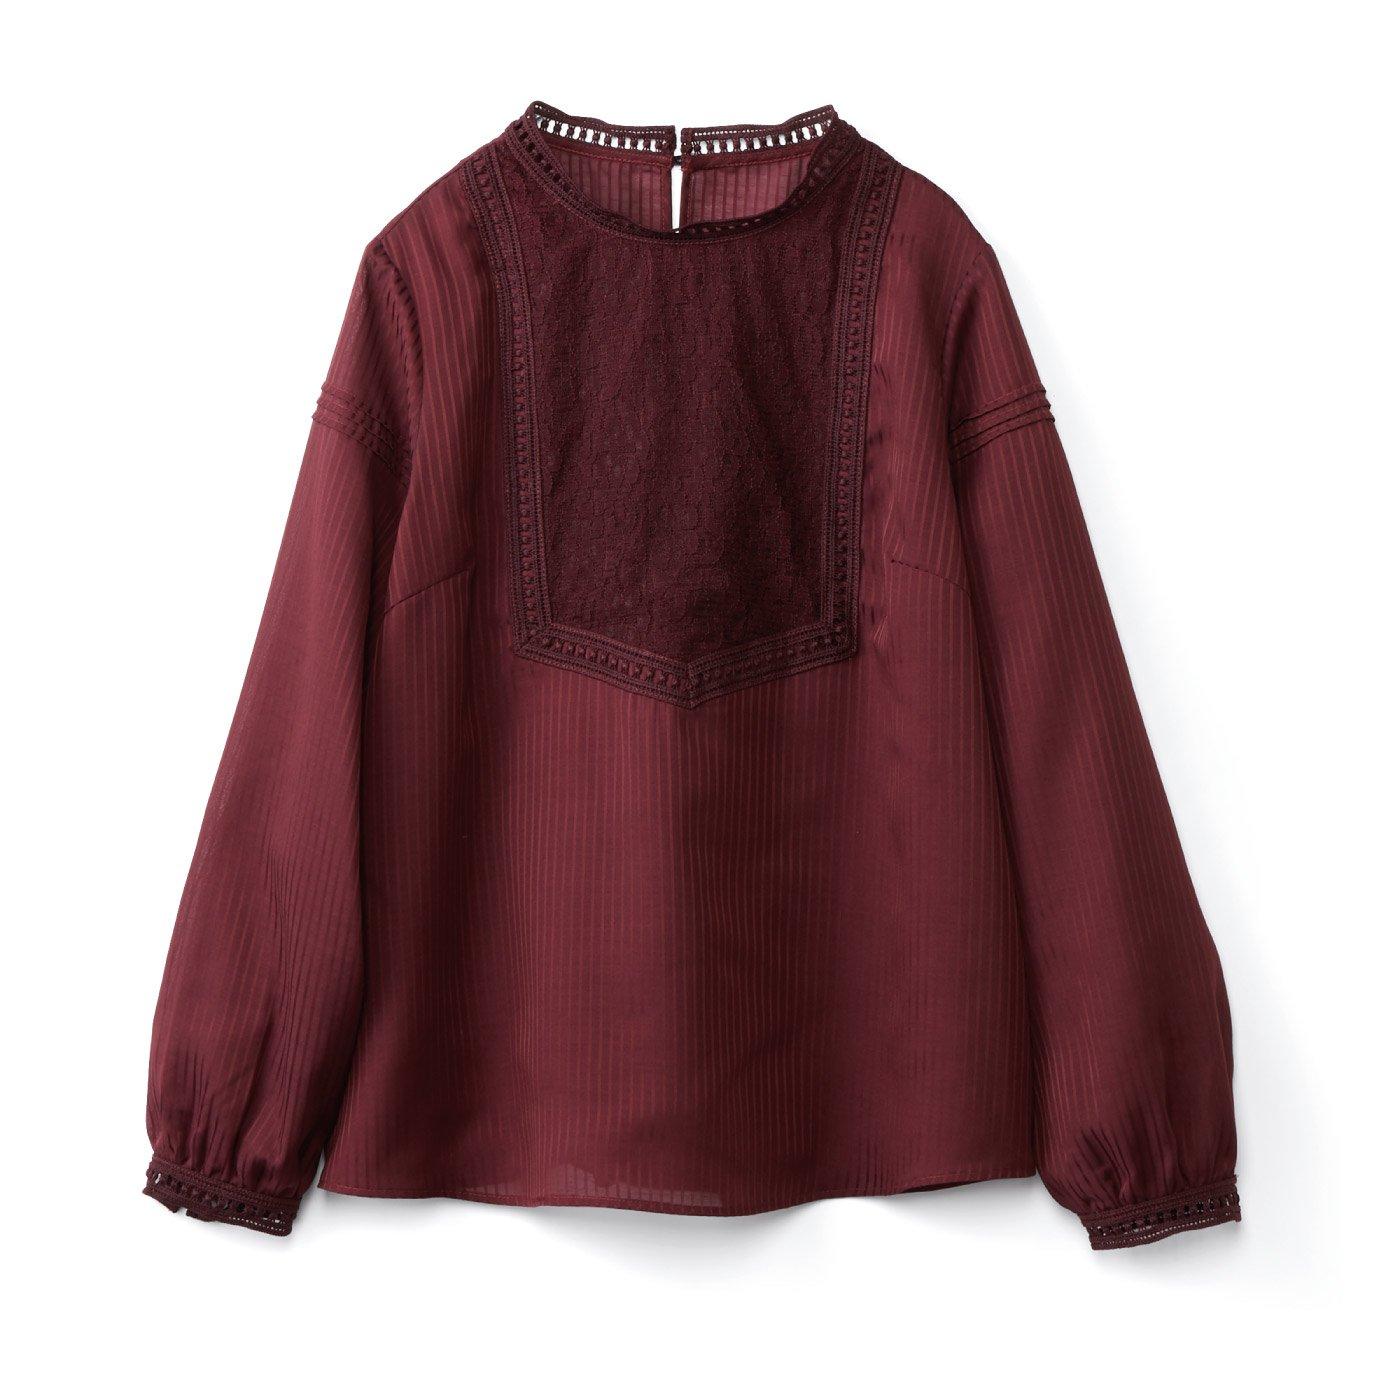 IEDIT[イディット] ストライプの織り柄素材のアンティーク風レース遣いブラウス〈ボルドーレッド〉